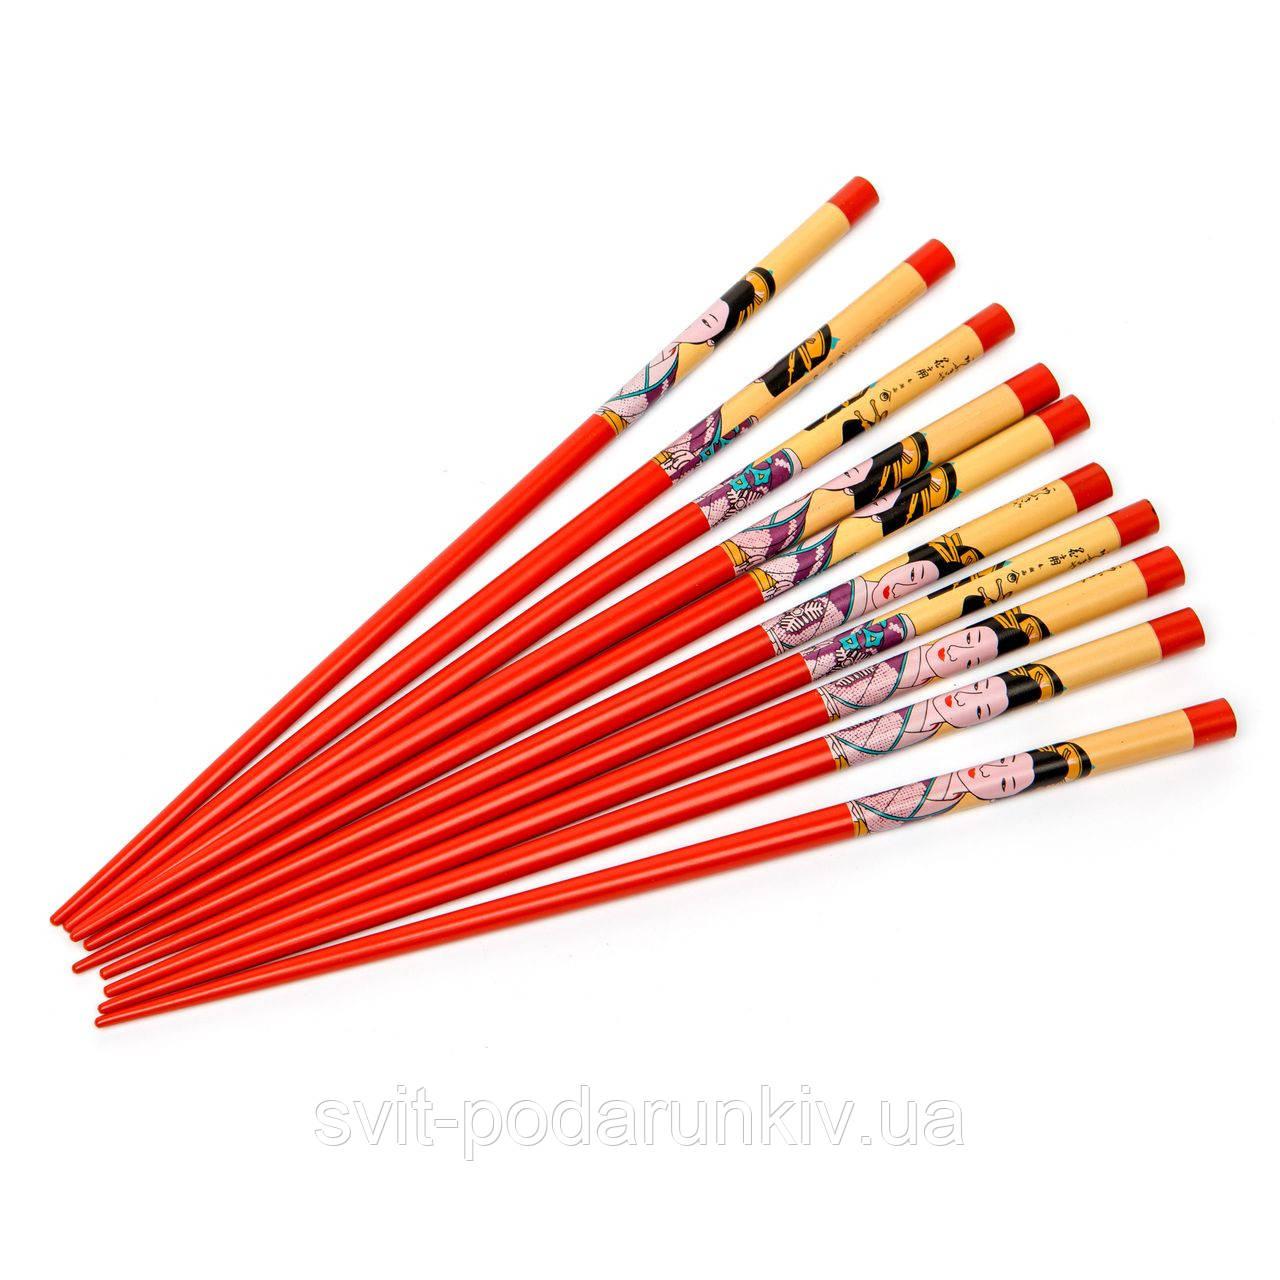 Набор палочек для суши красный с китаянкой на 5 пар 15